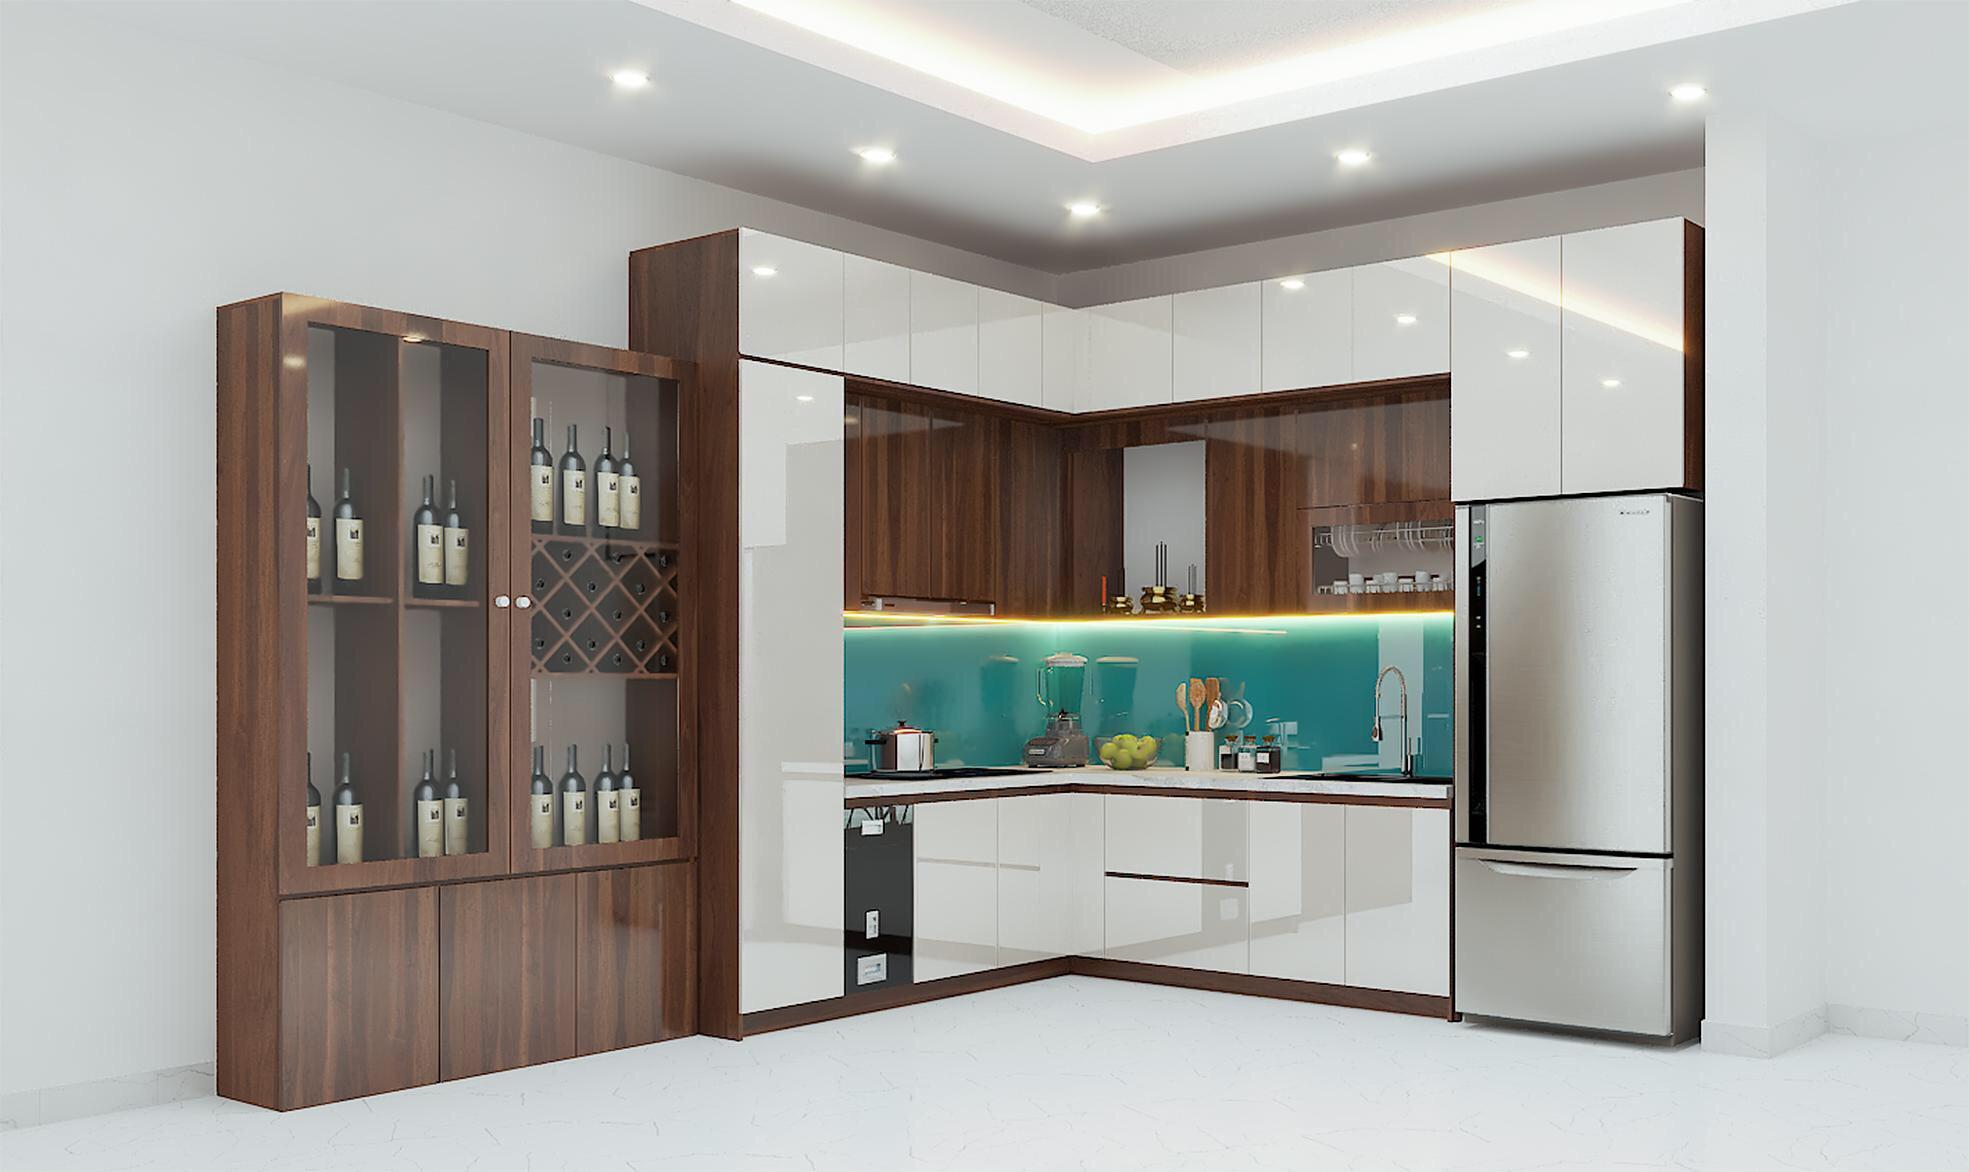 mẫu tủ bếp acrylic đẹp tại Đà Nẵng